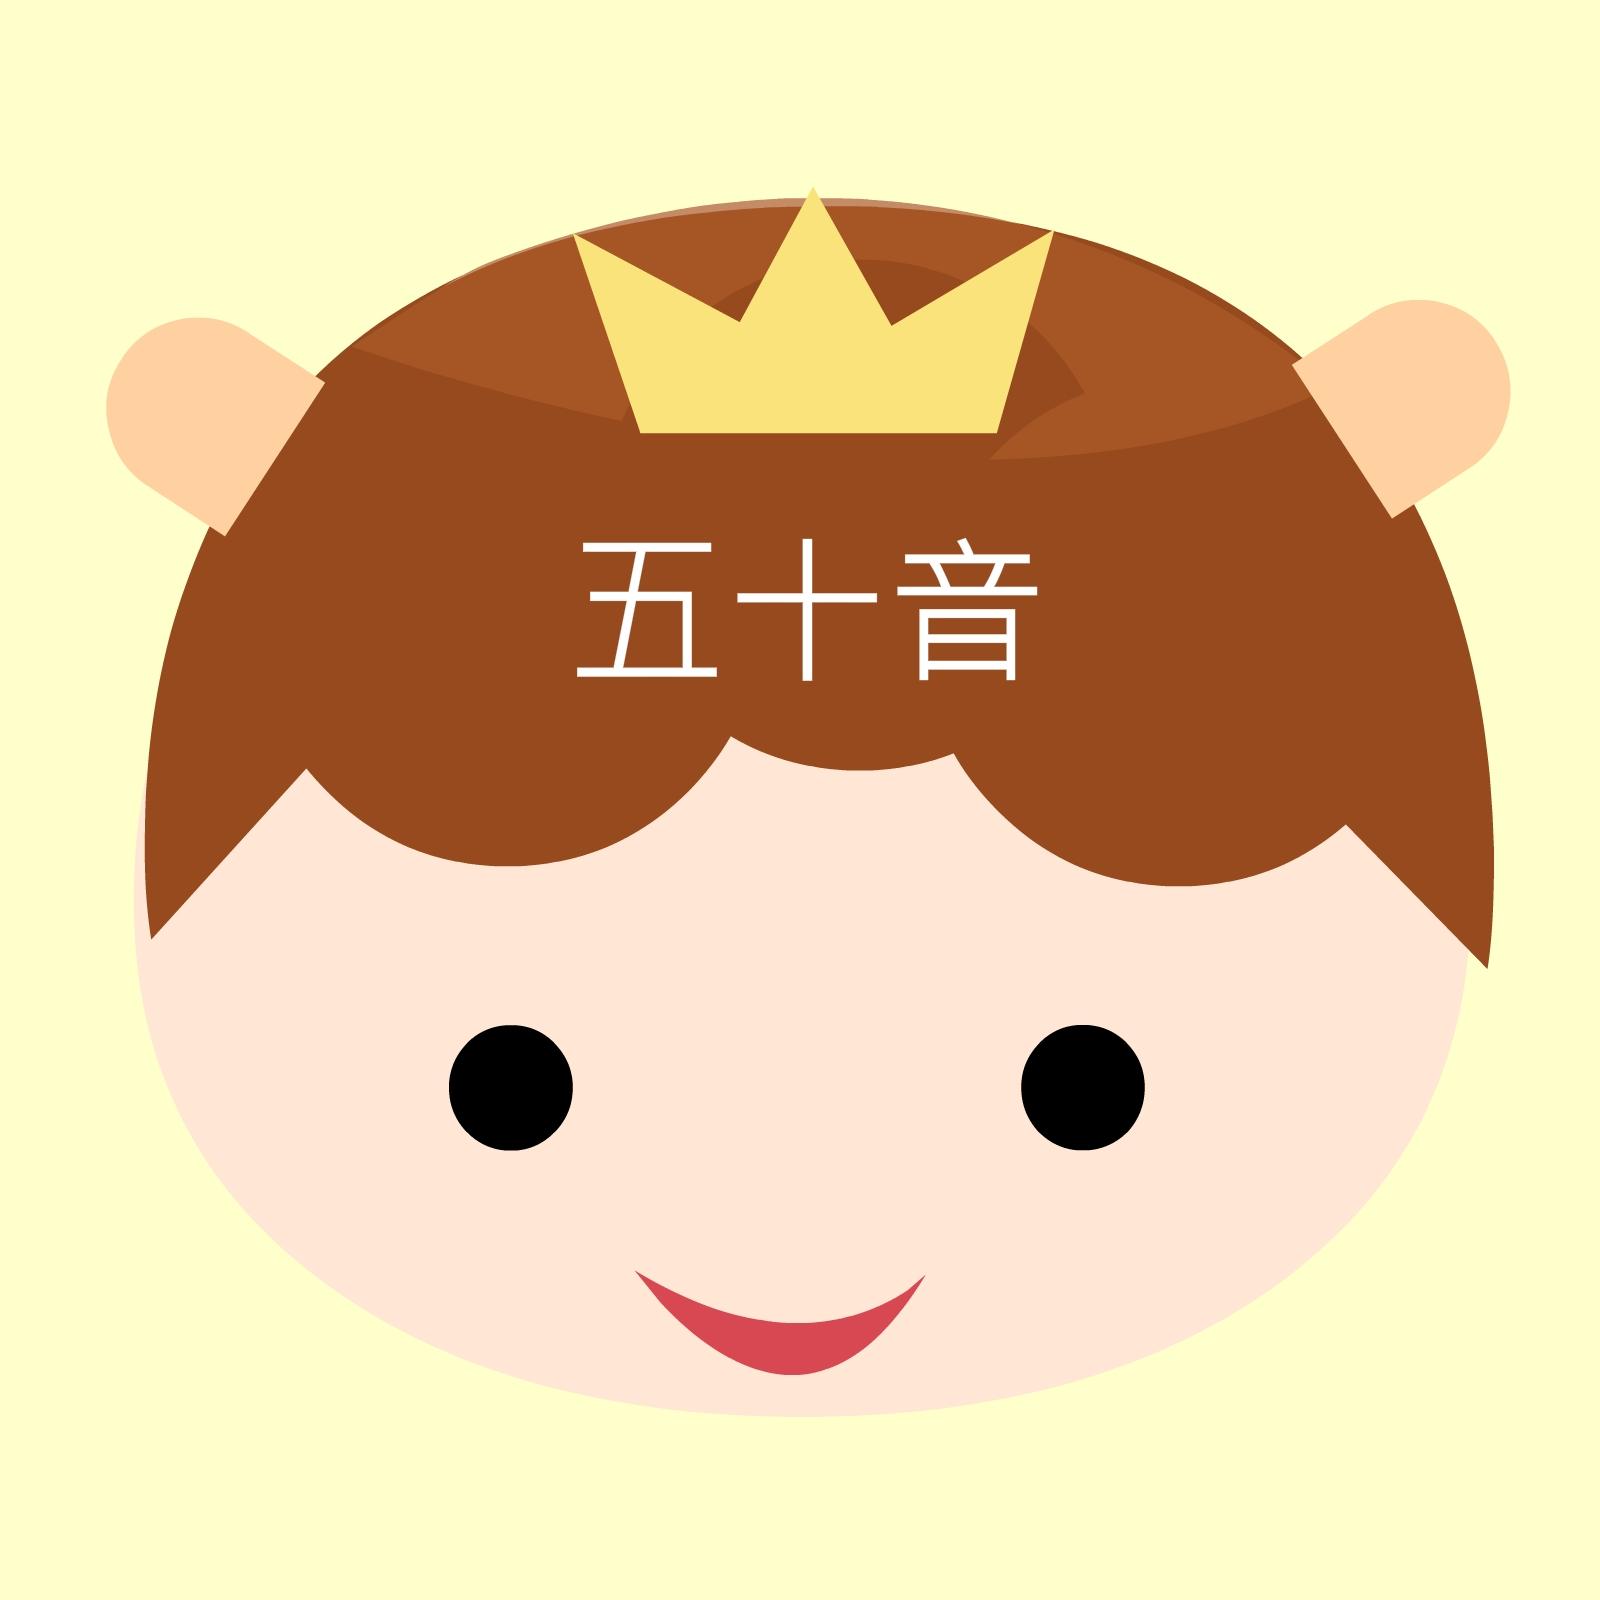 日語初學者50音基礎教學網站一天學好日文五十音